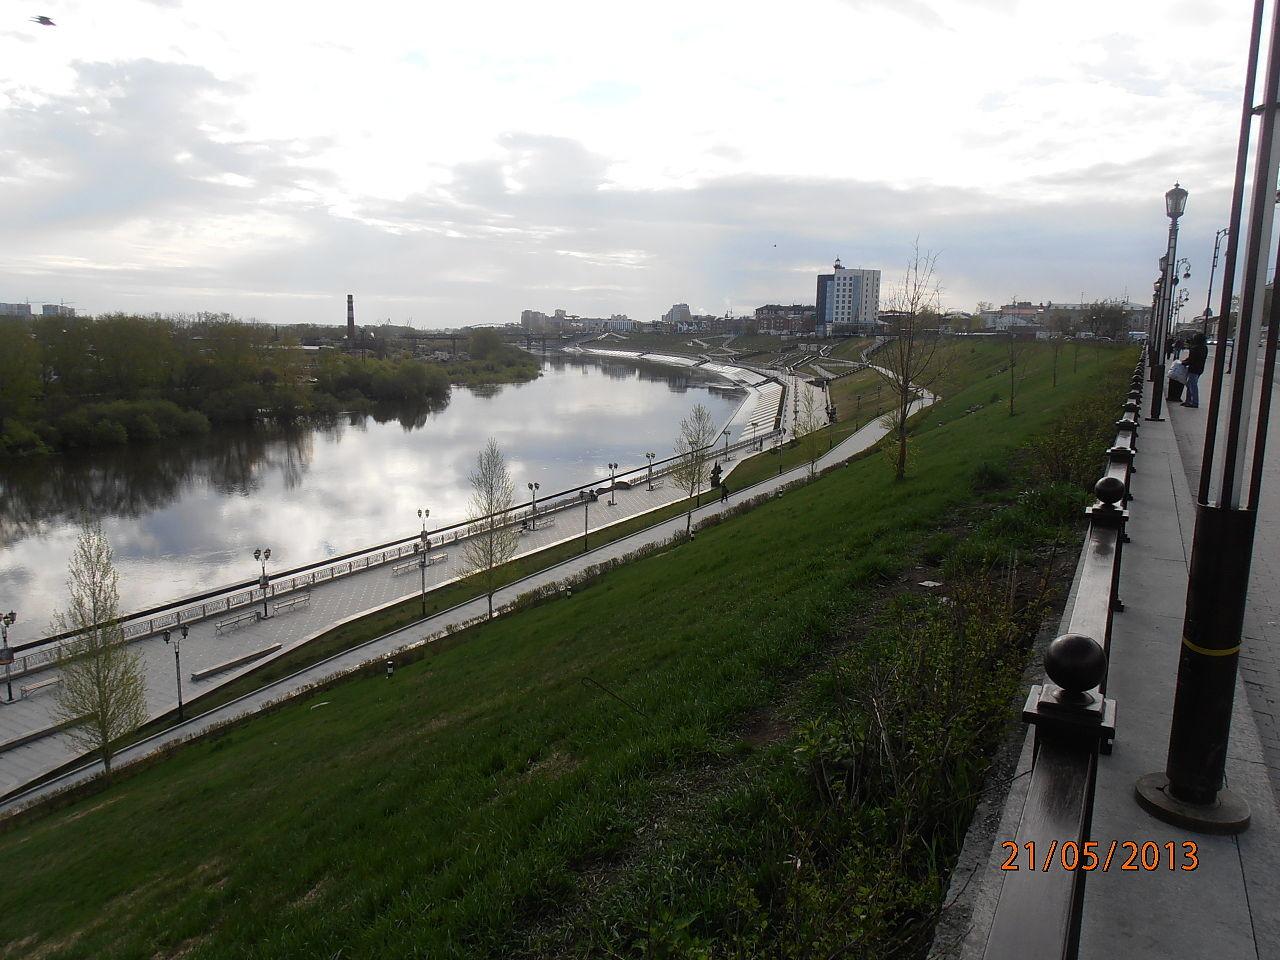 Nabrežje reke Ture v mestu Tjumen